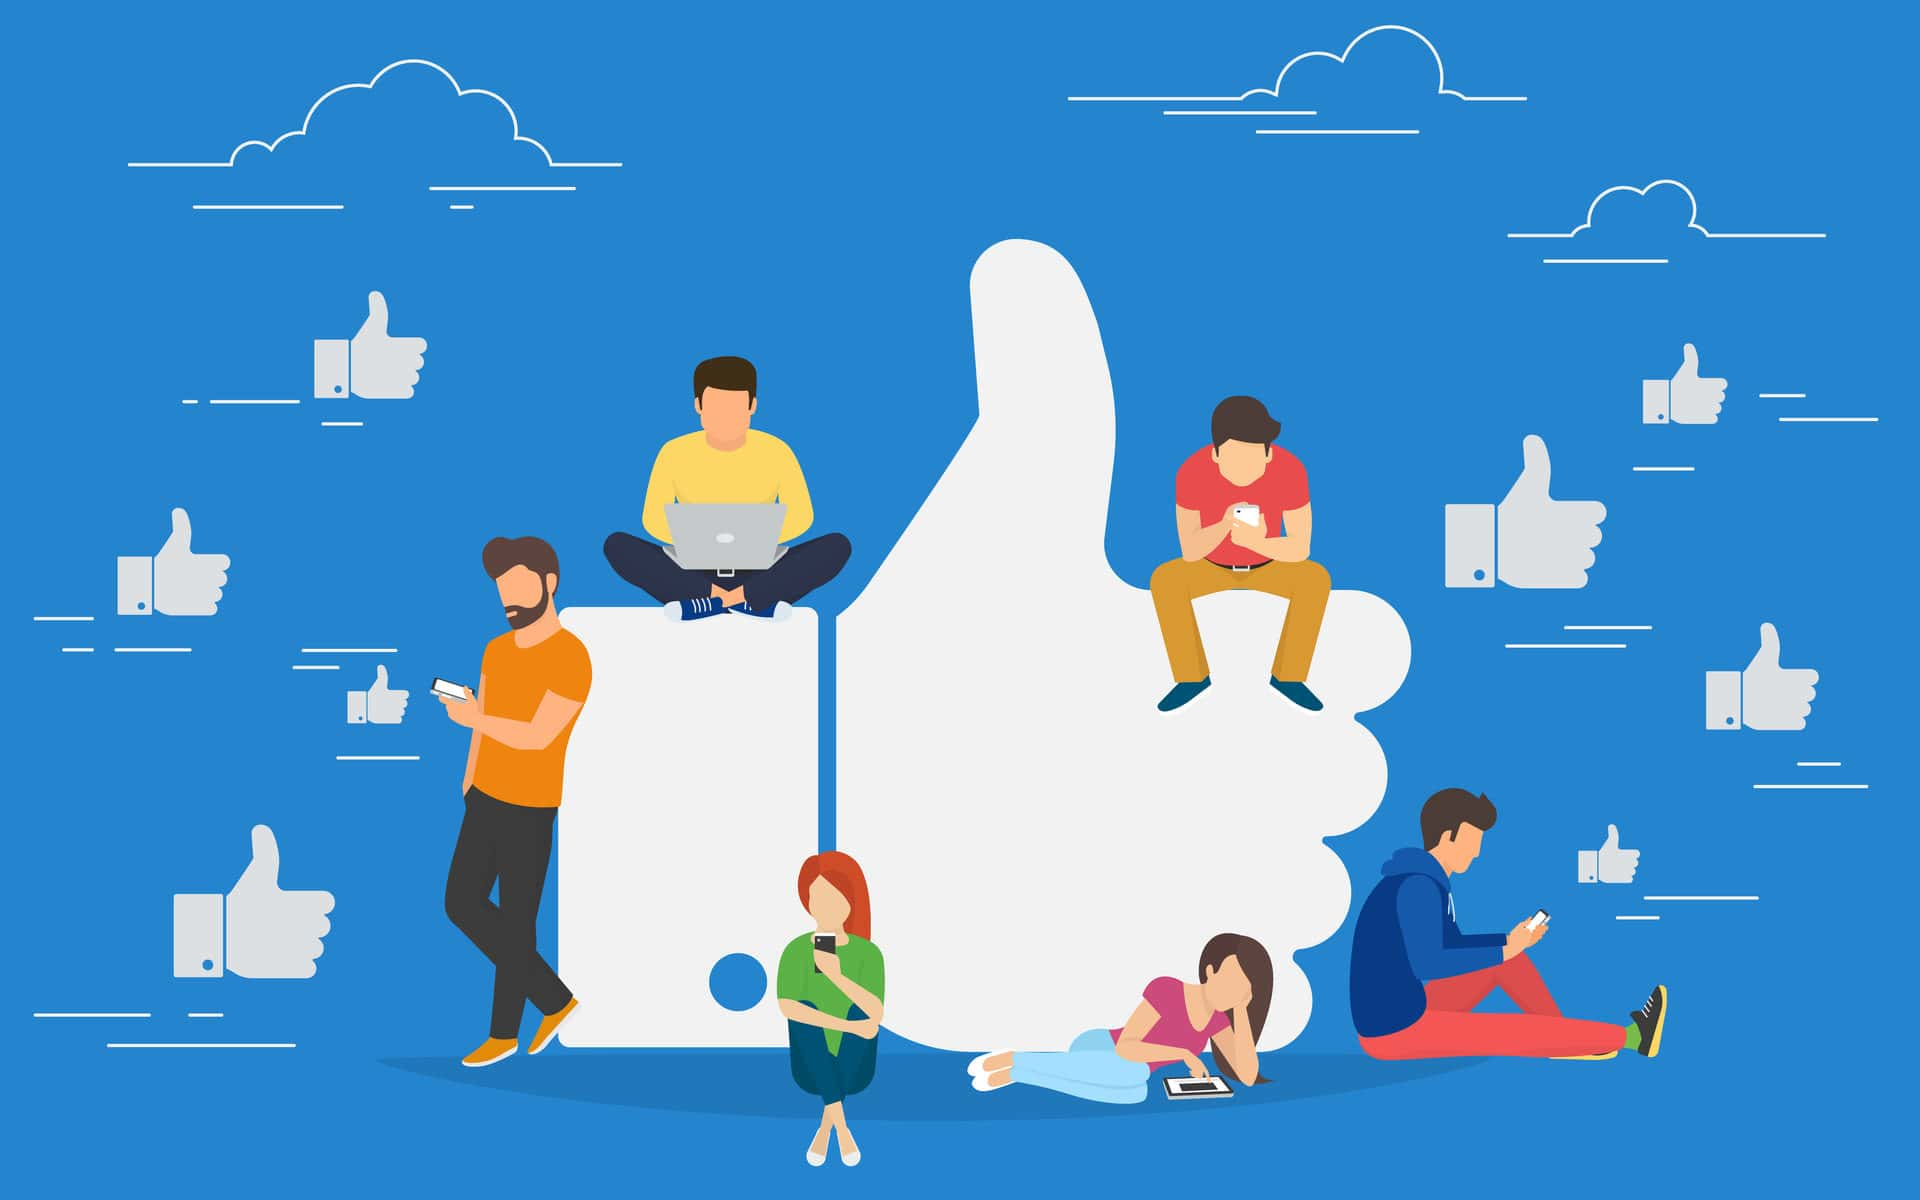 Facebook başlangıçta üniversitelere özel bir sosyal ağ olarak başladı. Yeni Facebook Kampüsü ile Facebook, COVID-19 salgını nedeniyle üniversitelerinden uzakta olsalar bile öğrencilerin ilişkilerini kurmalarına ve sürdürmelerine yardımcı olmak için köklerine geri dönüyor. | Sungurlu Haber